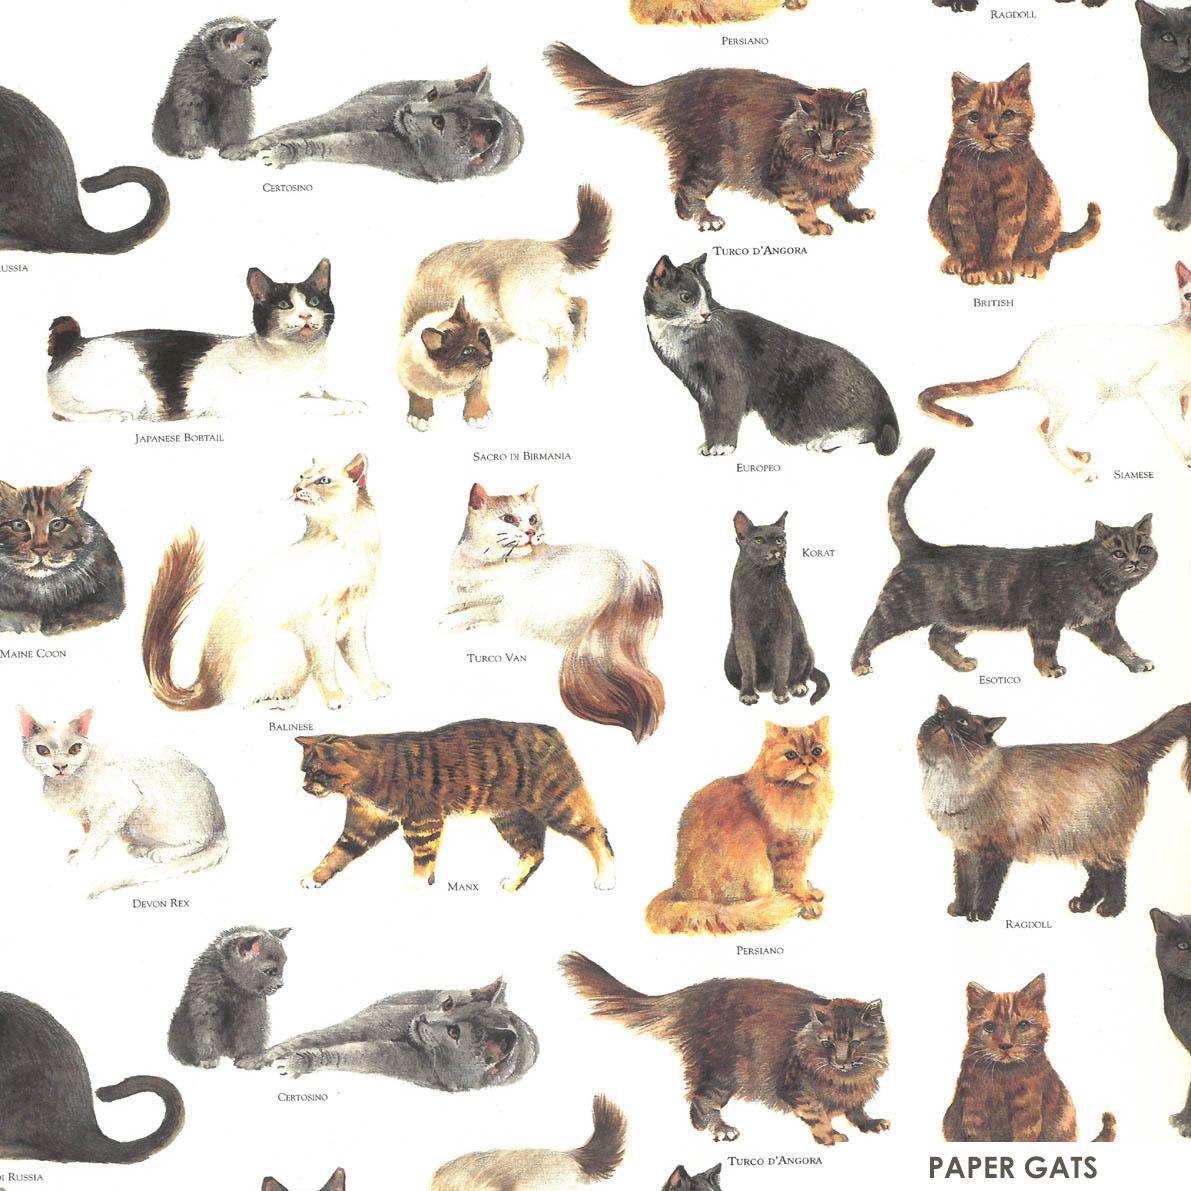 Paper gats